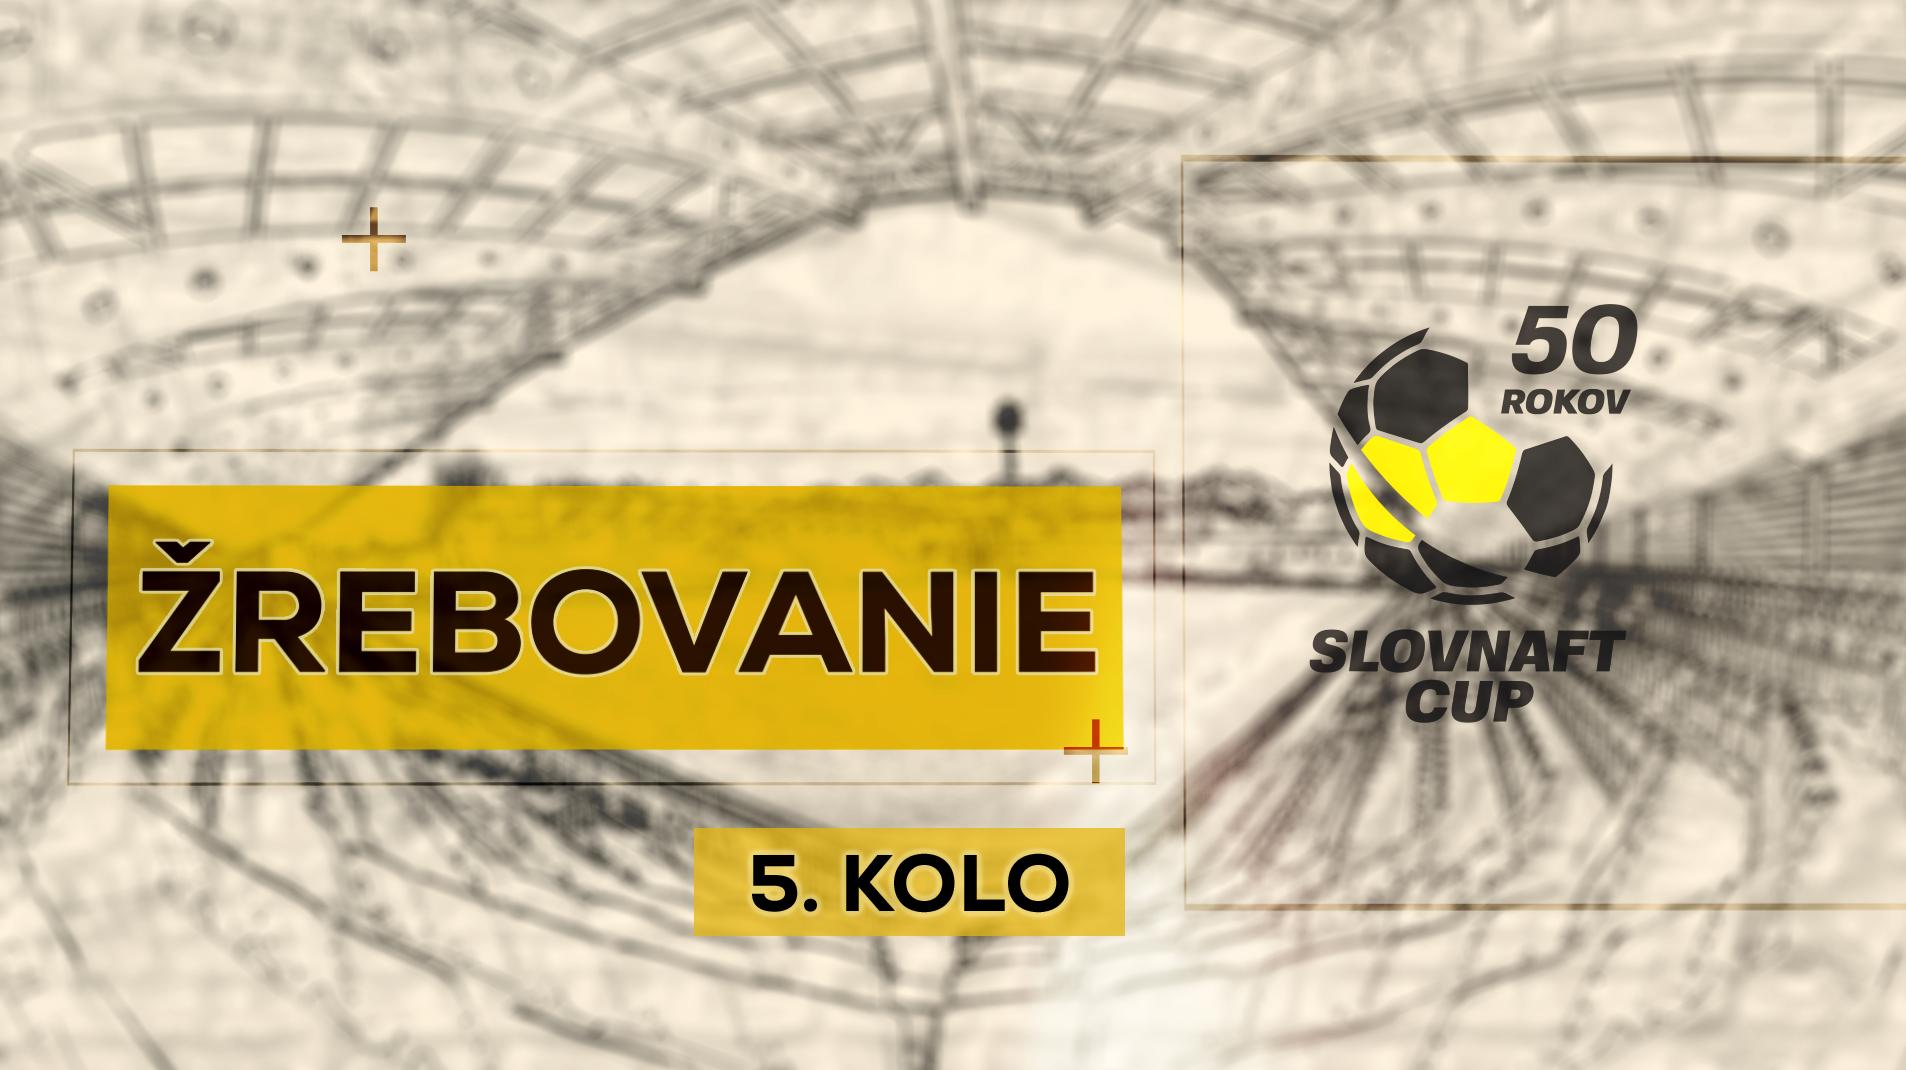 LIVE: SLOVNAFT CUP: 11. OKTÓBRA 2018, 10:00 ŽREBOVANIE 5. KOLA SLOVNAFT CUPU